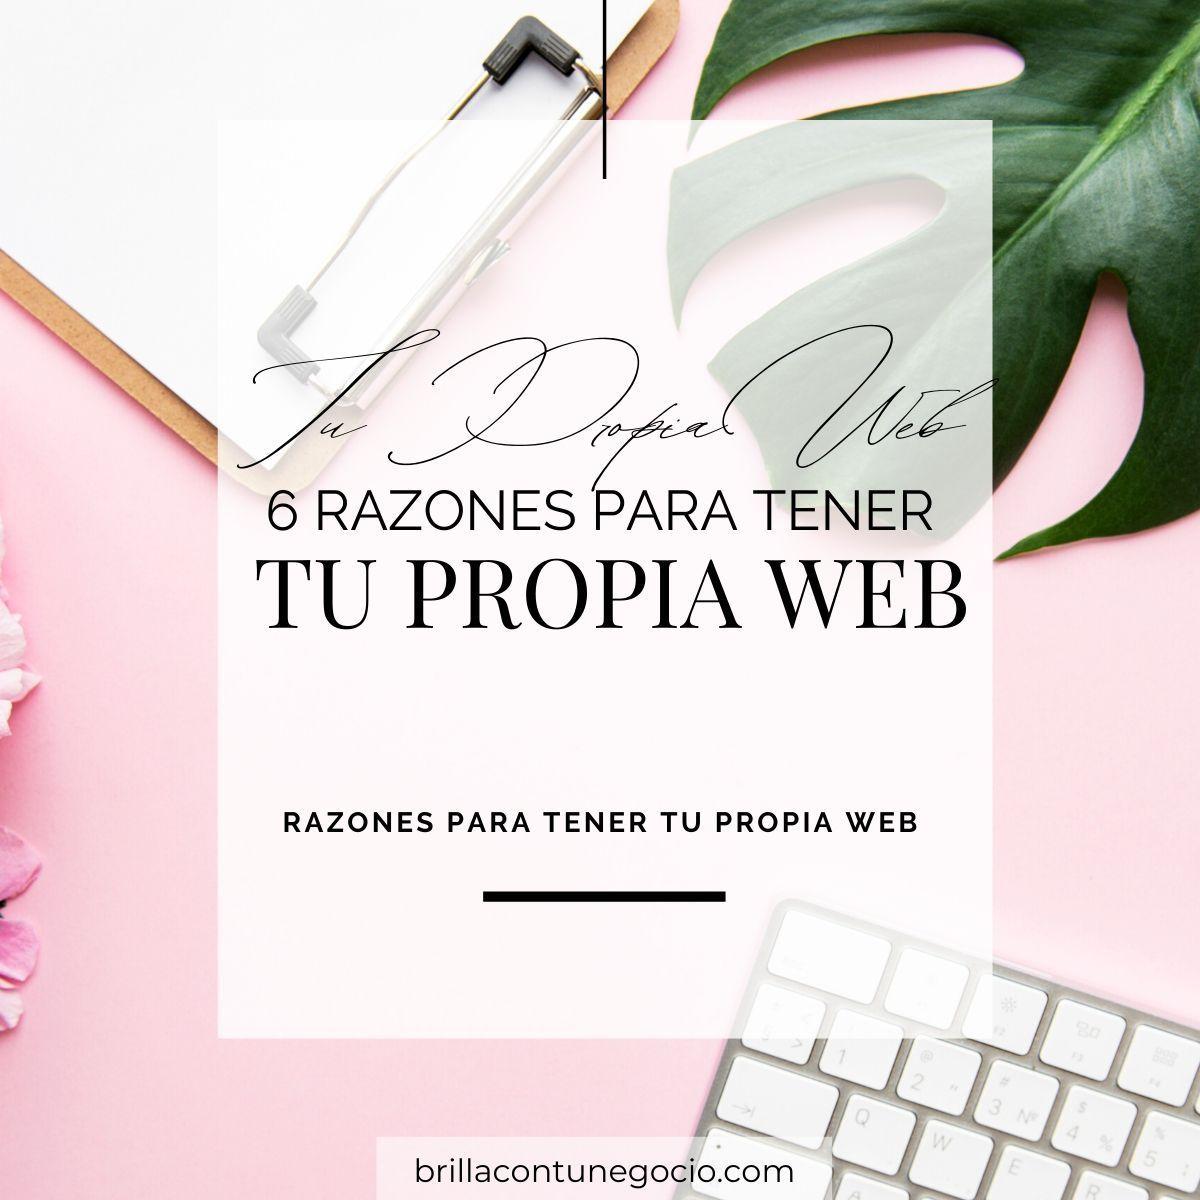 6 Razones para tener tu propia web